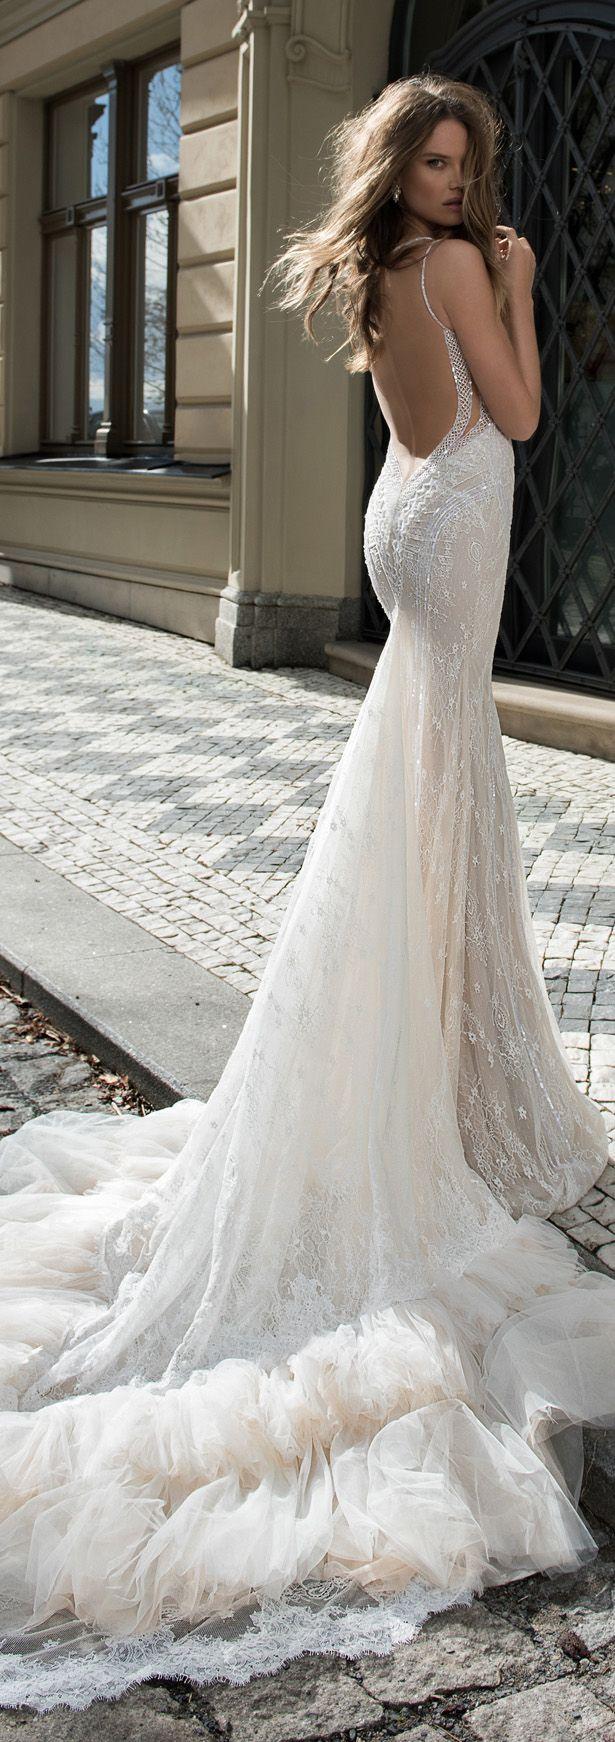 Wedding Dresses by Berta Bridal Fall 2015 | Hochzeitskleider ...